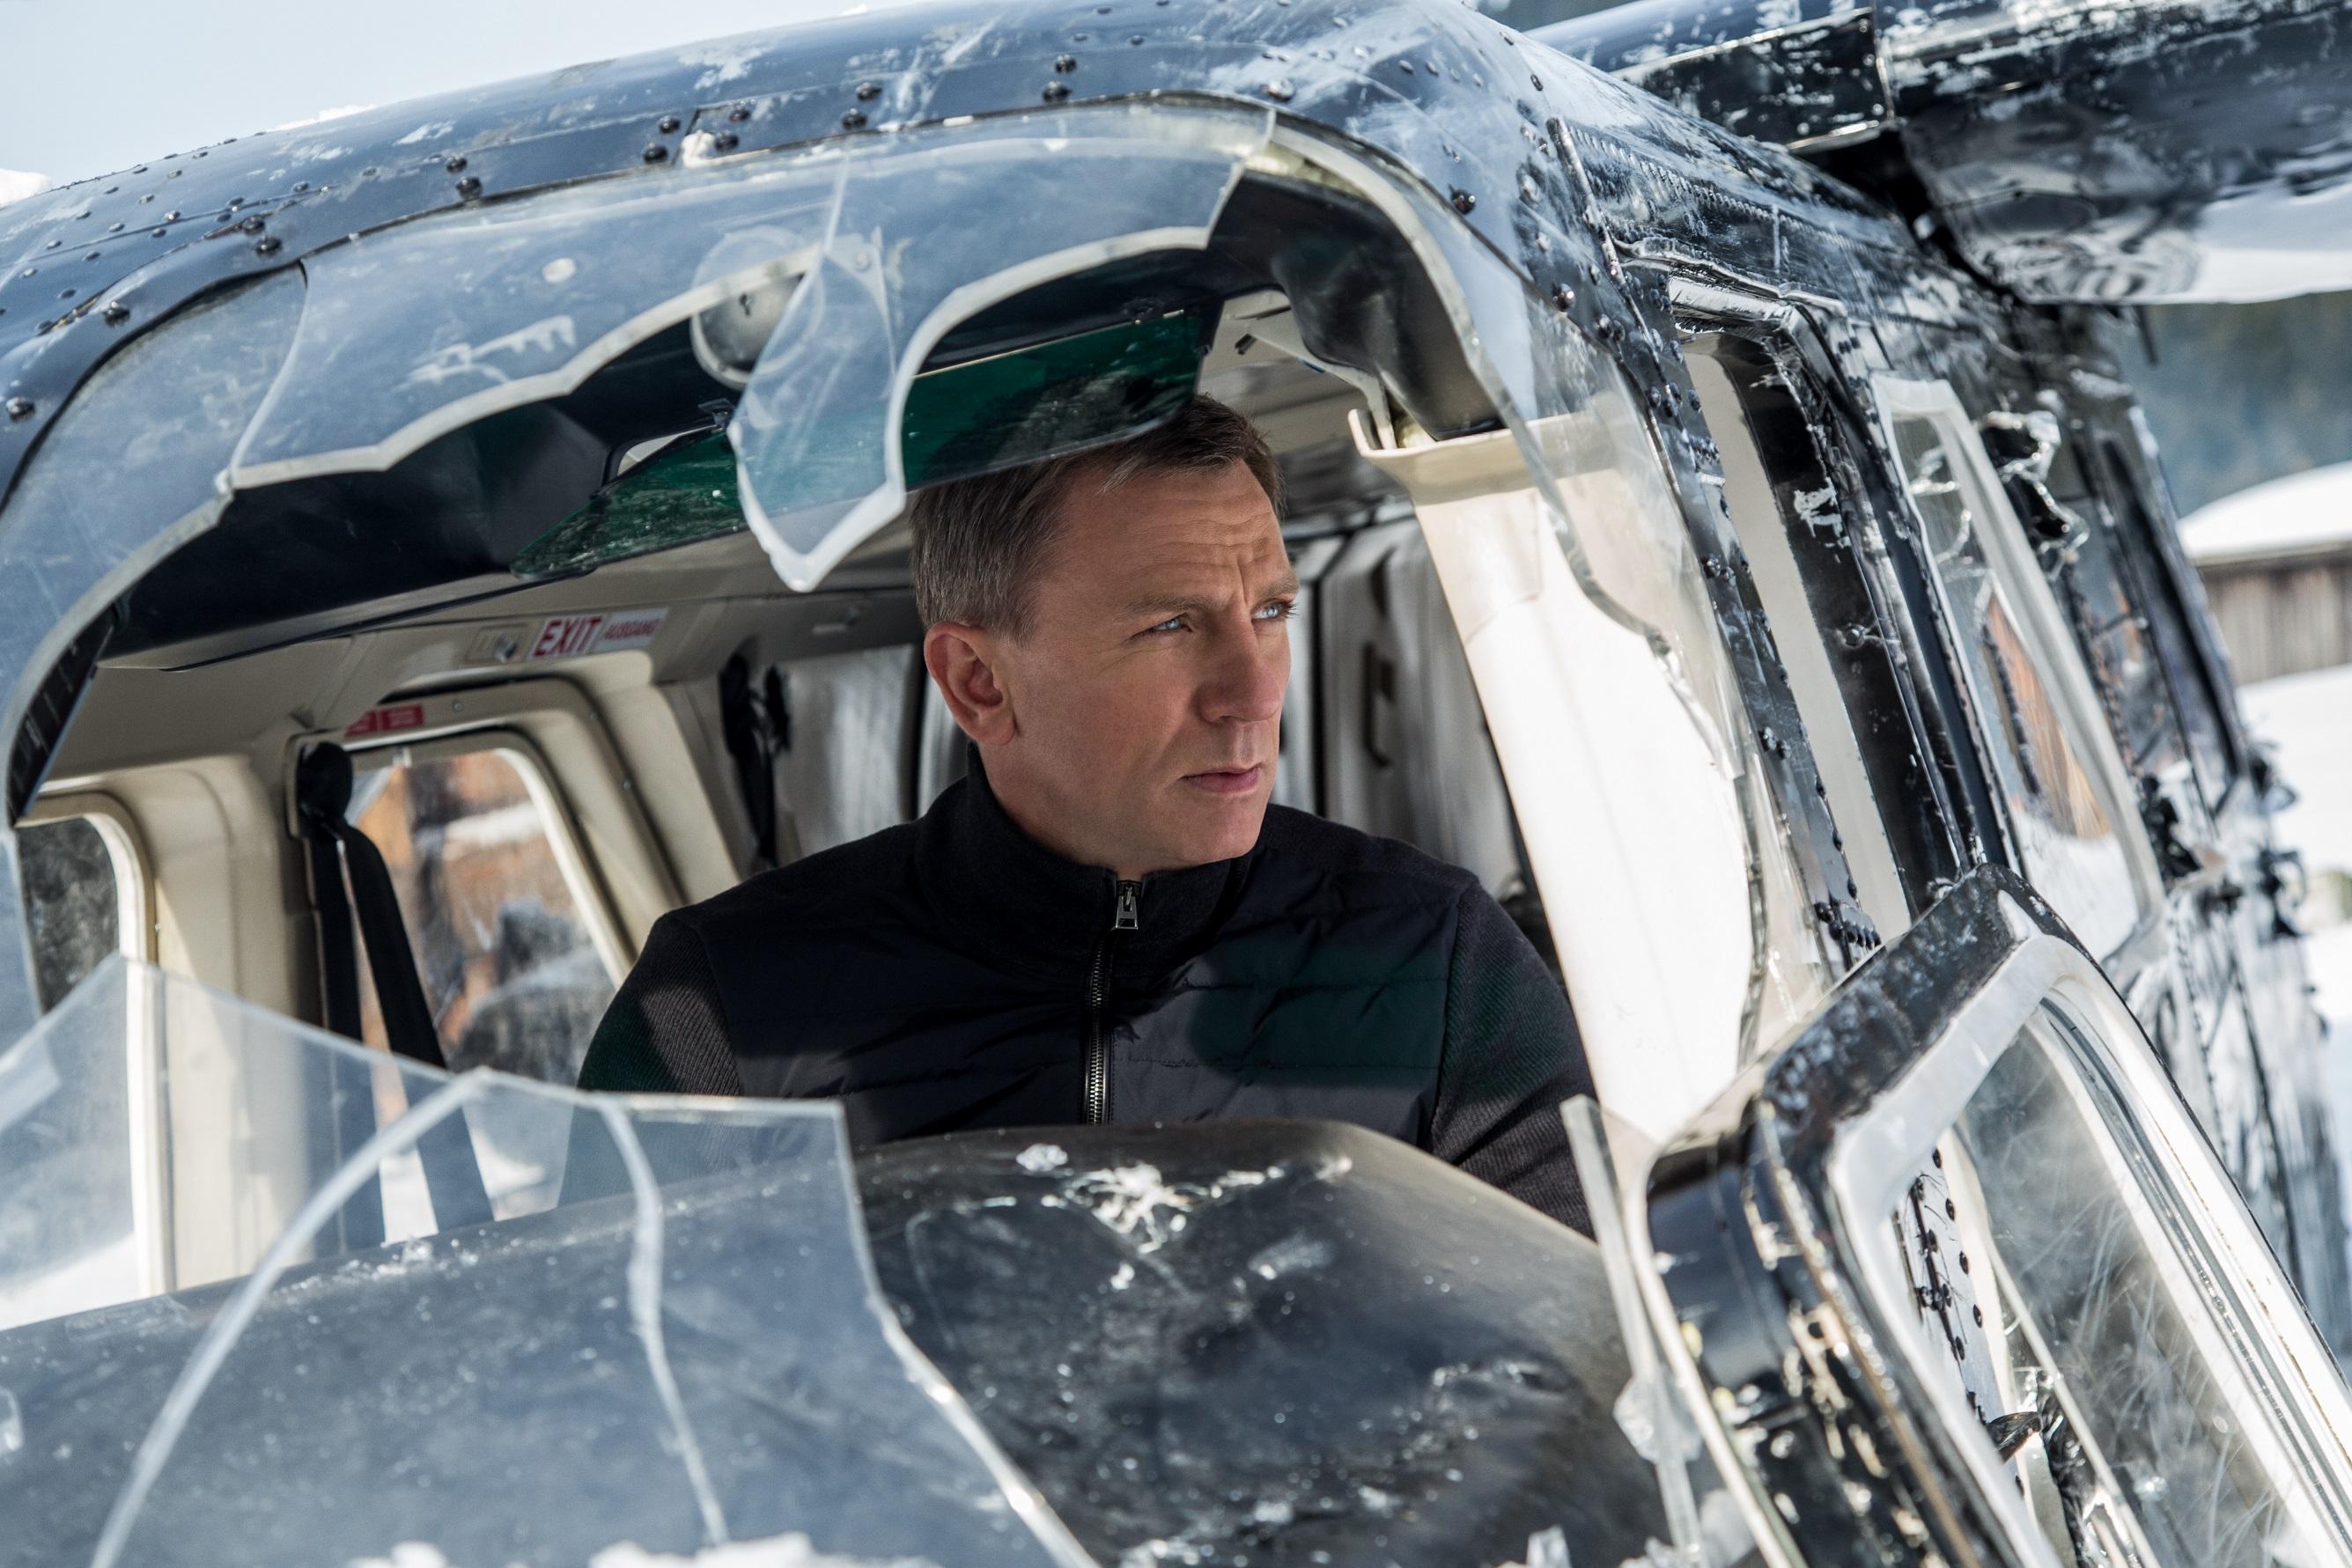 """Questa mattina abbiamo visto in anteprima il tanto atteso """"Spectre"""", 24° capitolo della saga dell'Agente 007,James Bond. Città del Messico, Giorno dei Morti. In mezzo a migliaia di persone festanti, […]"""